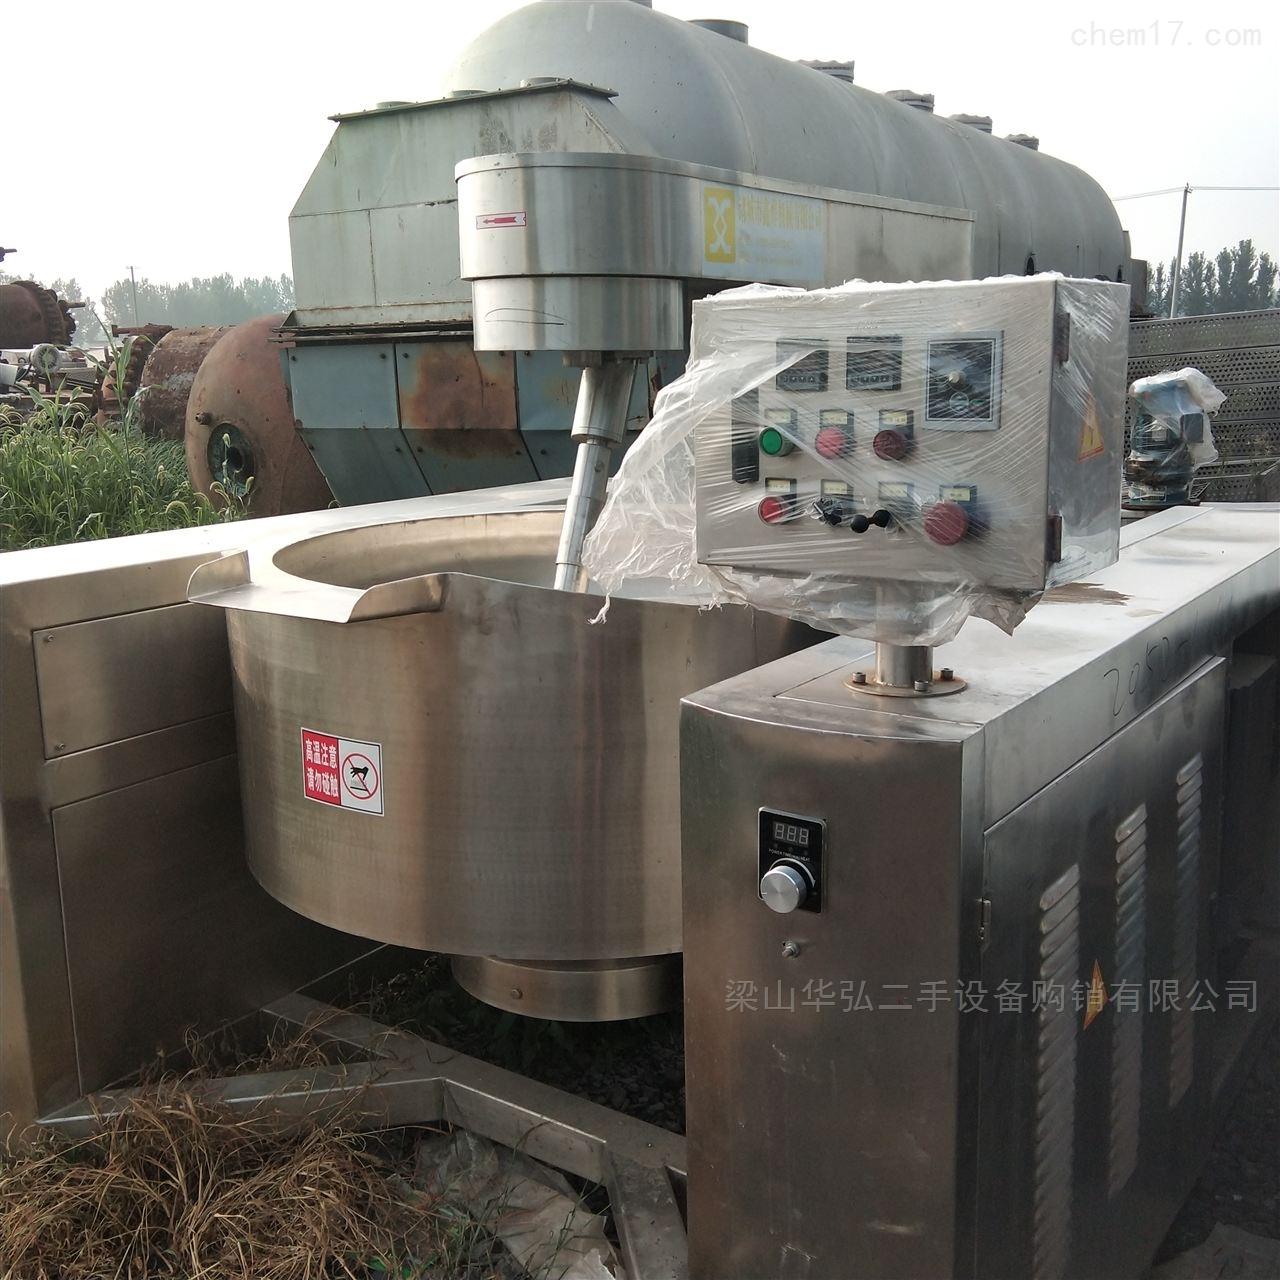 大量回收100升燃气夹层锅